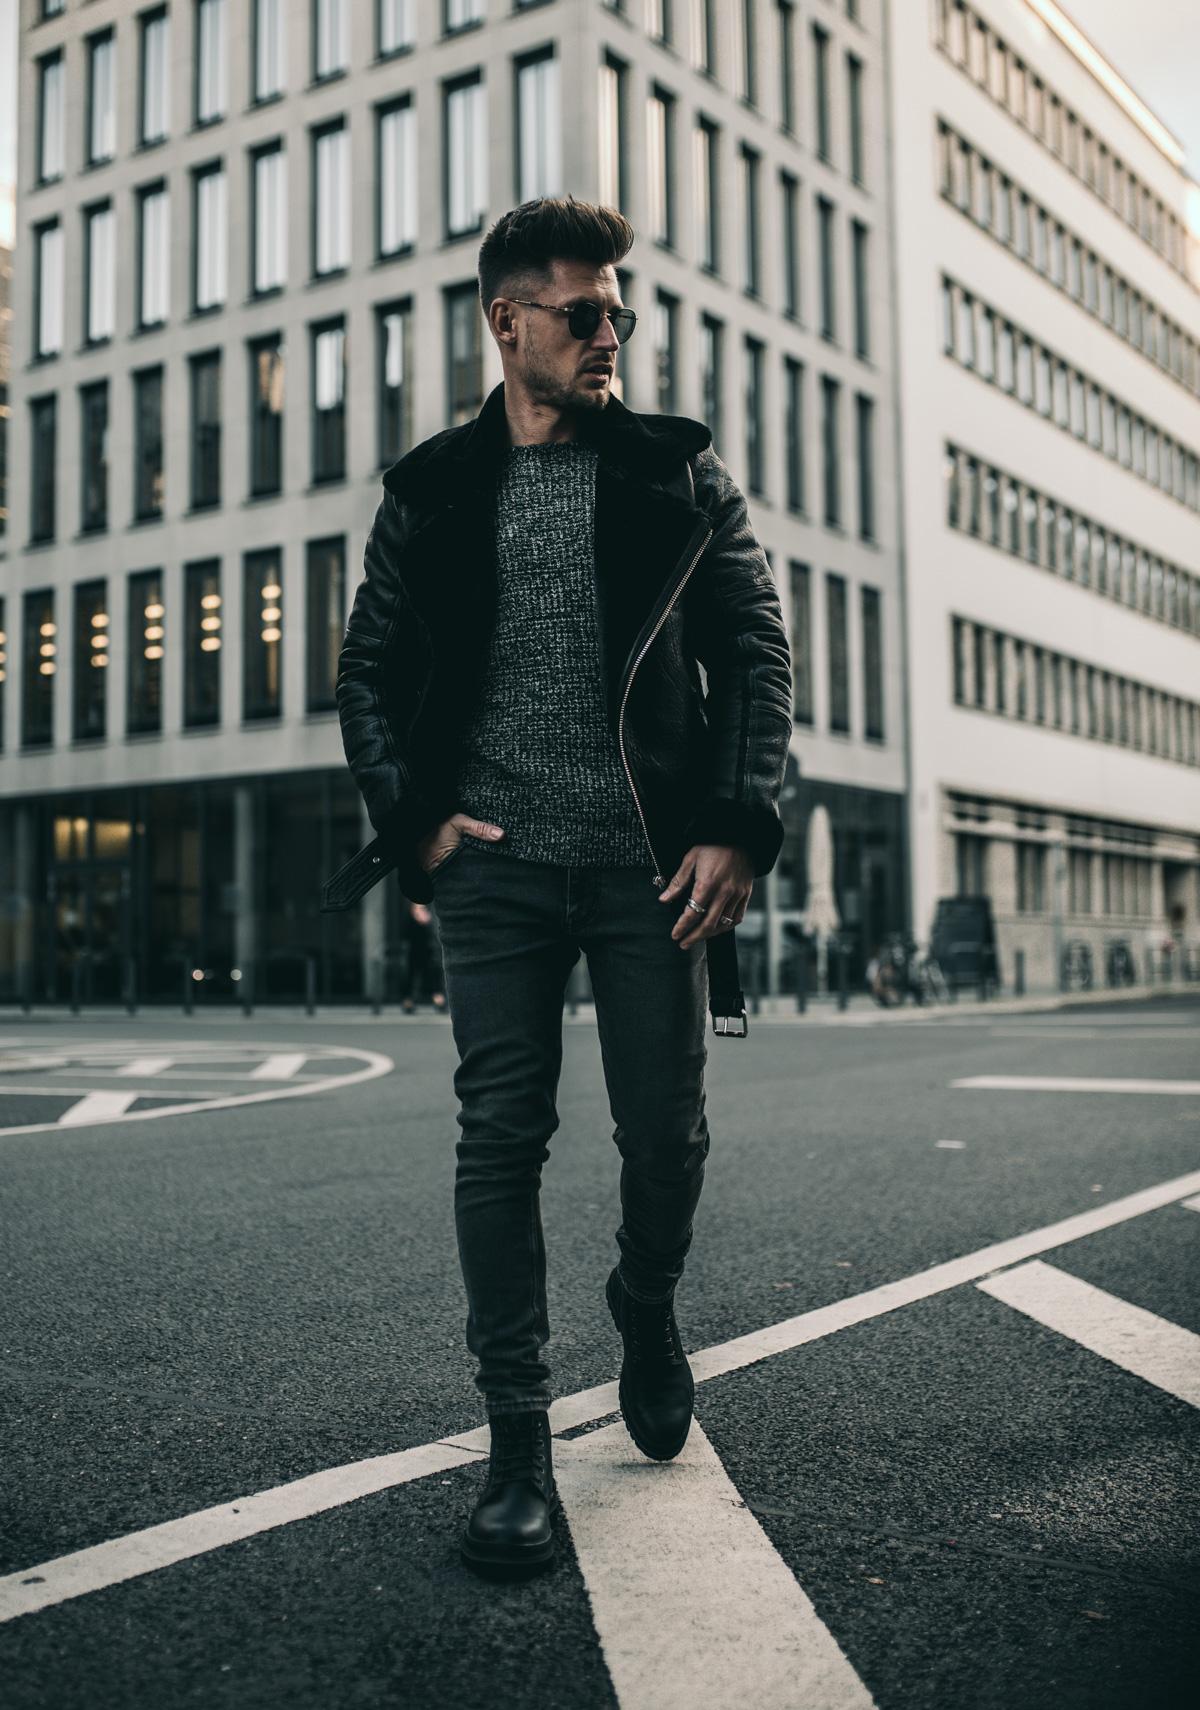 Tommeezjerry-Lifestyleblog-Fashionblog-Maennermodeblog-Maennerblog-Modeblog-Camel-Active-Boots-Schnuerboots-Winterlook-Bikerlederjacke-Mit-Fell-Herbstlook-Berlin